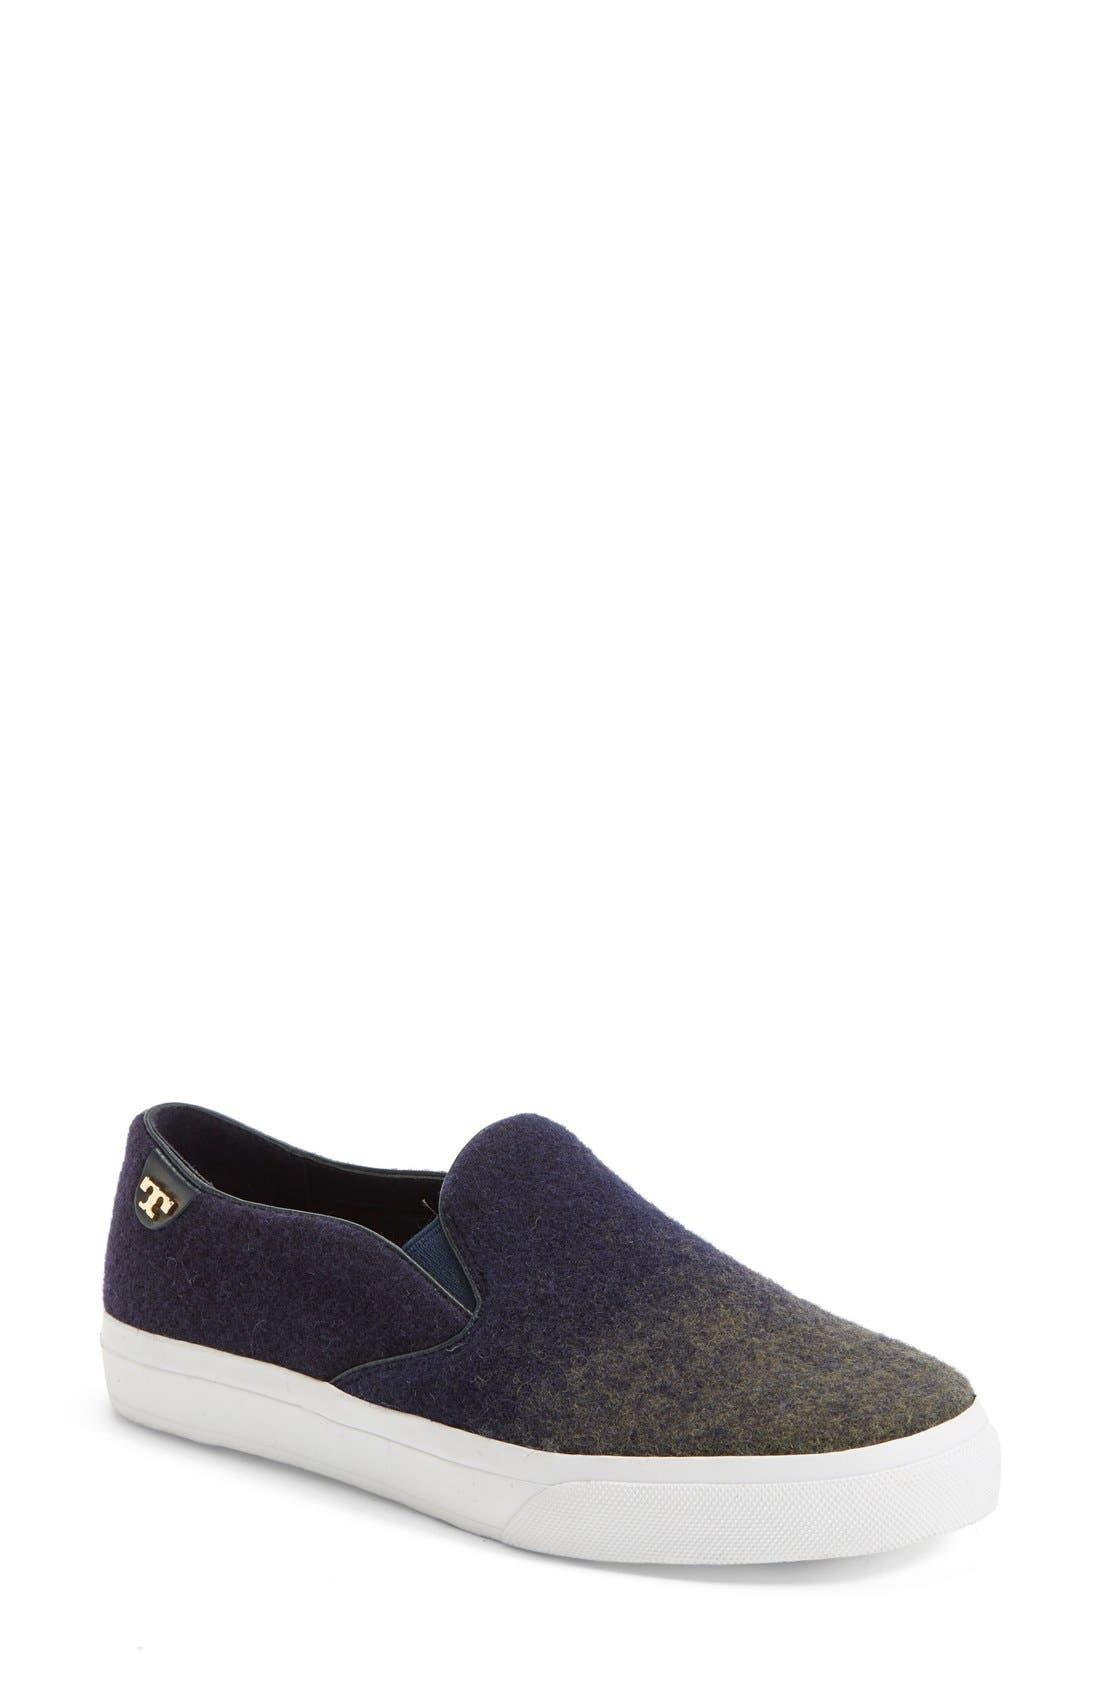 Main Image - Tory Burch 'Stardust' Slip-On Sneaker (Women)